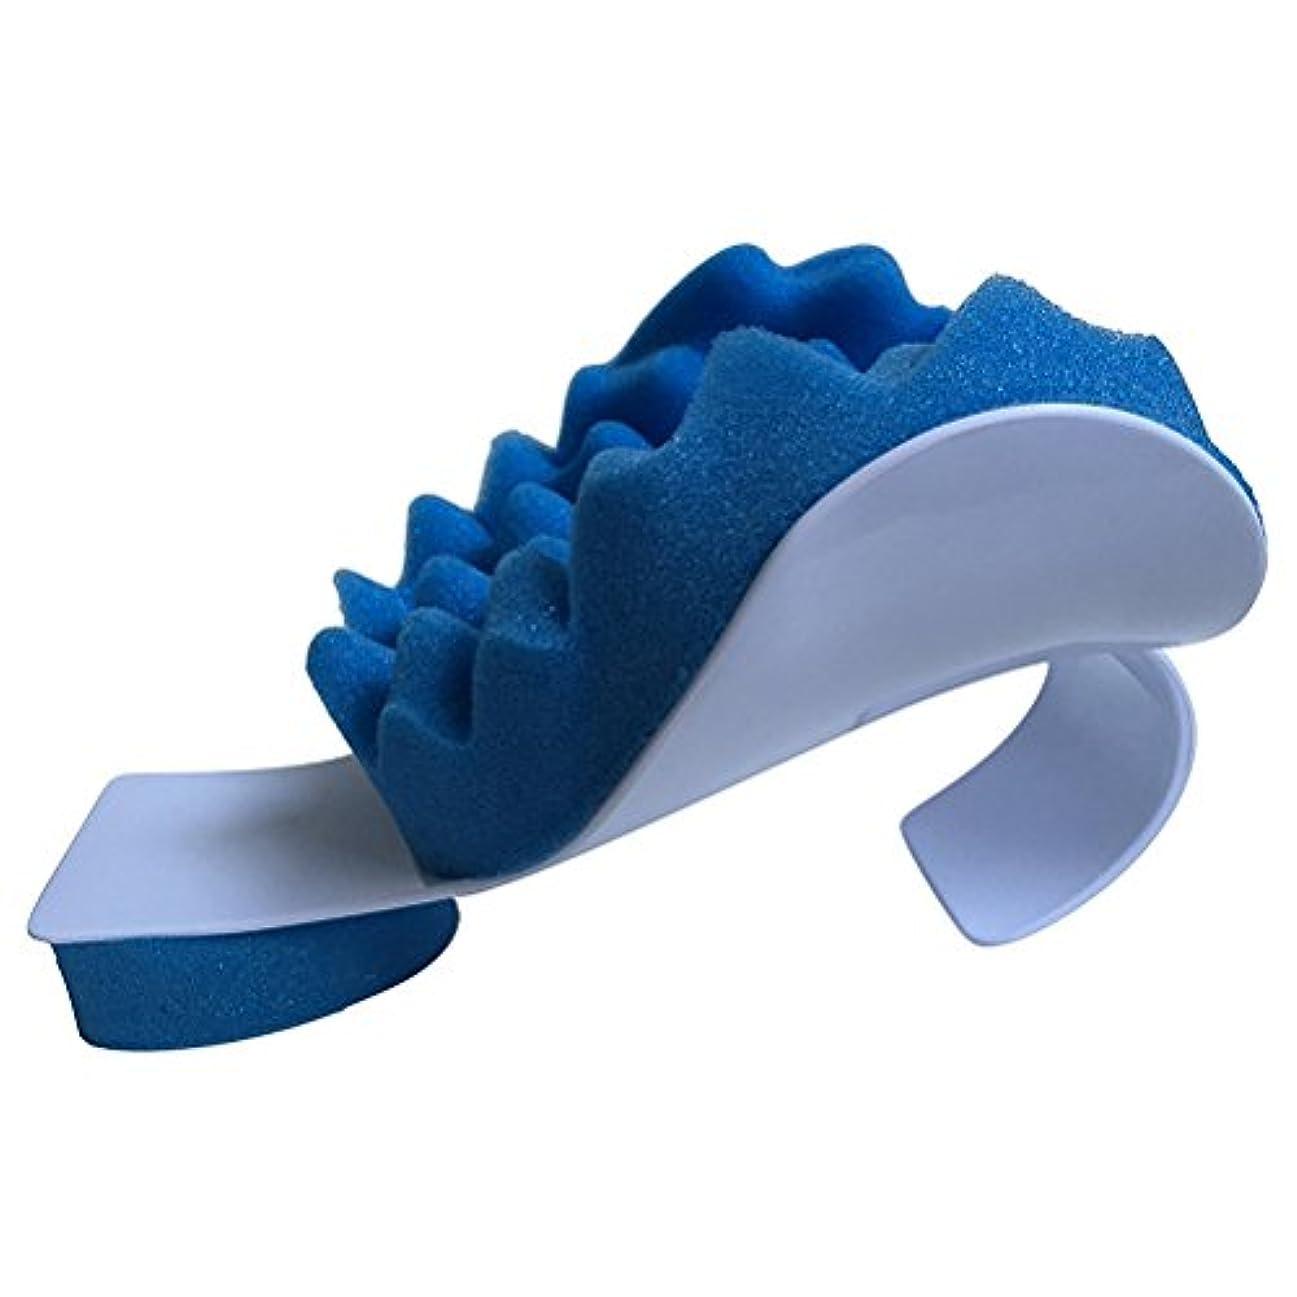 私達チャーター敵対的ROSENICE マッサージ枕ネック痛みリリーフとショルダーリラクサーマッサージトラクションピロー(ブルー)